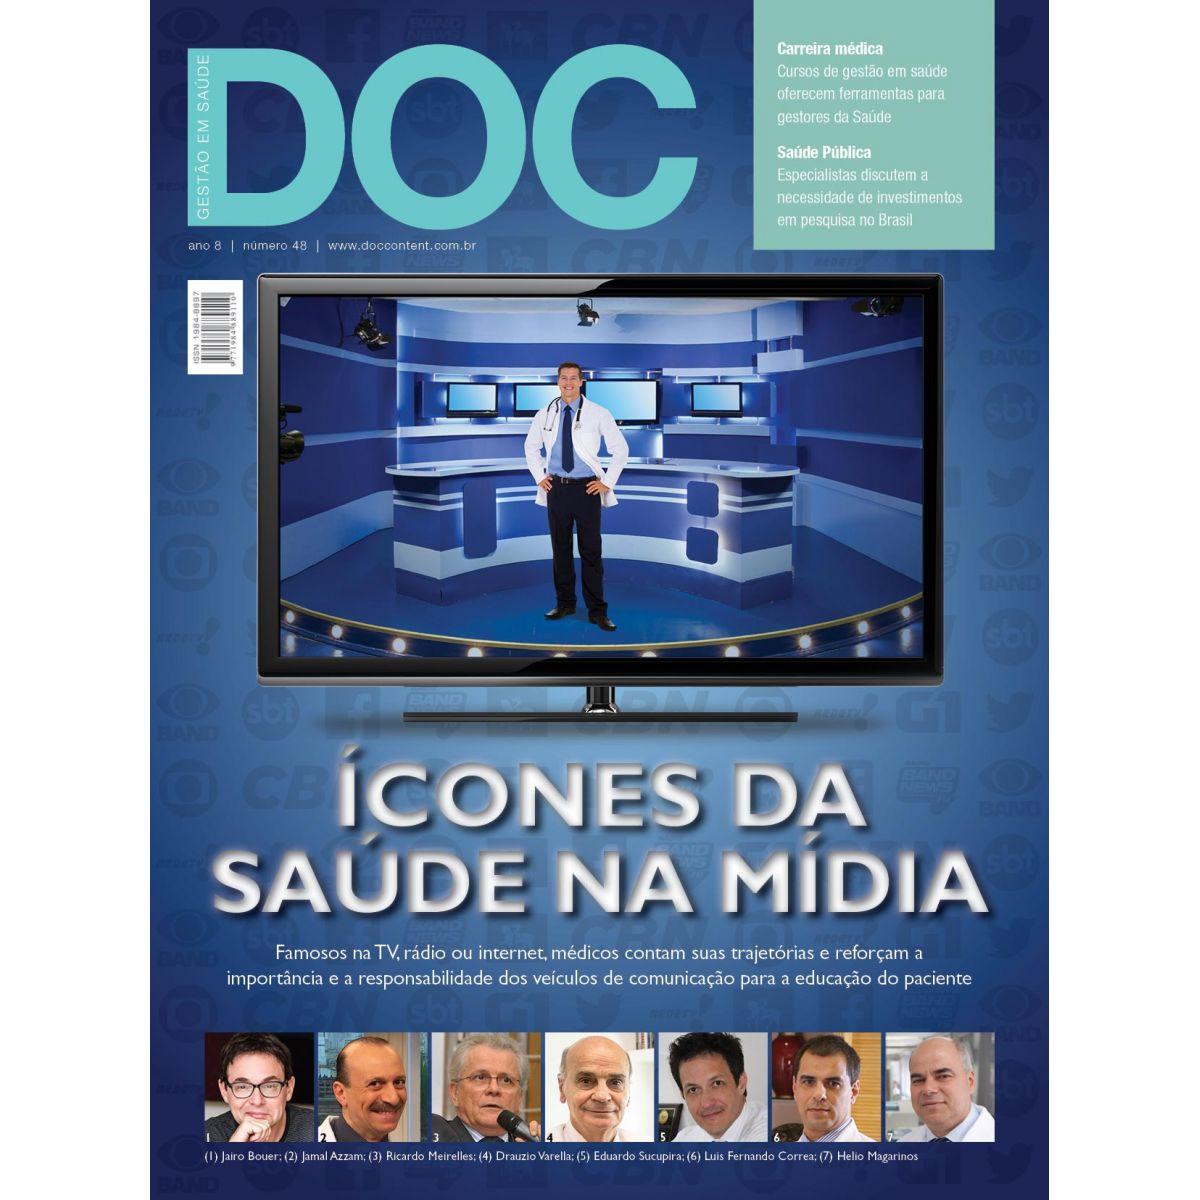 Revista DOC - Edição 48#  - DOC Content Webstore